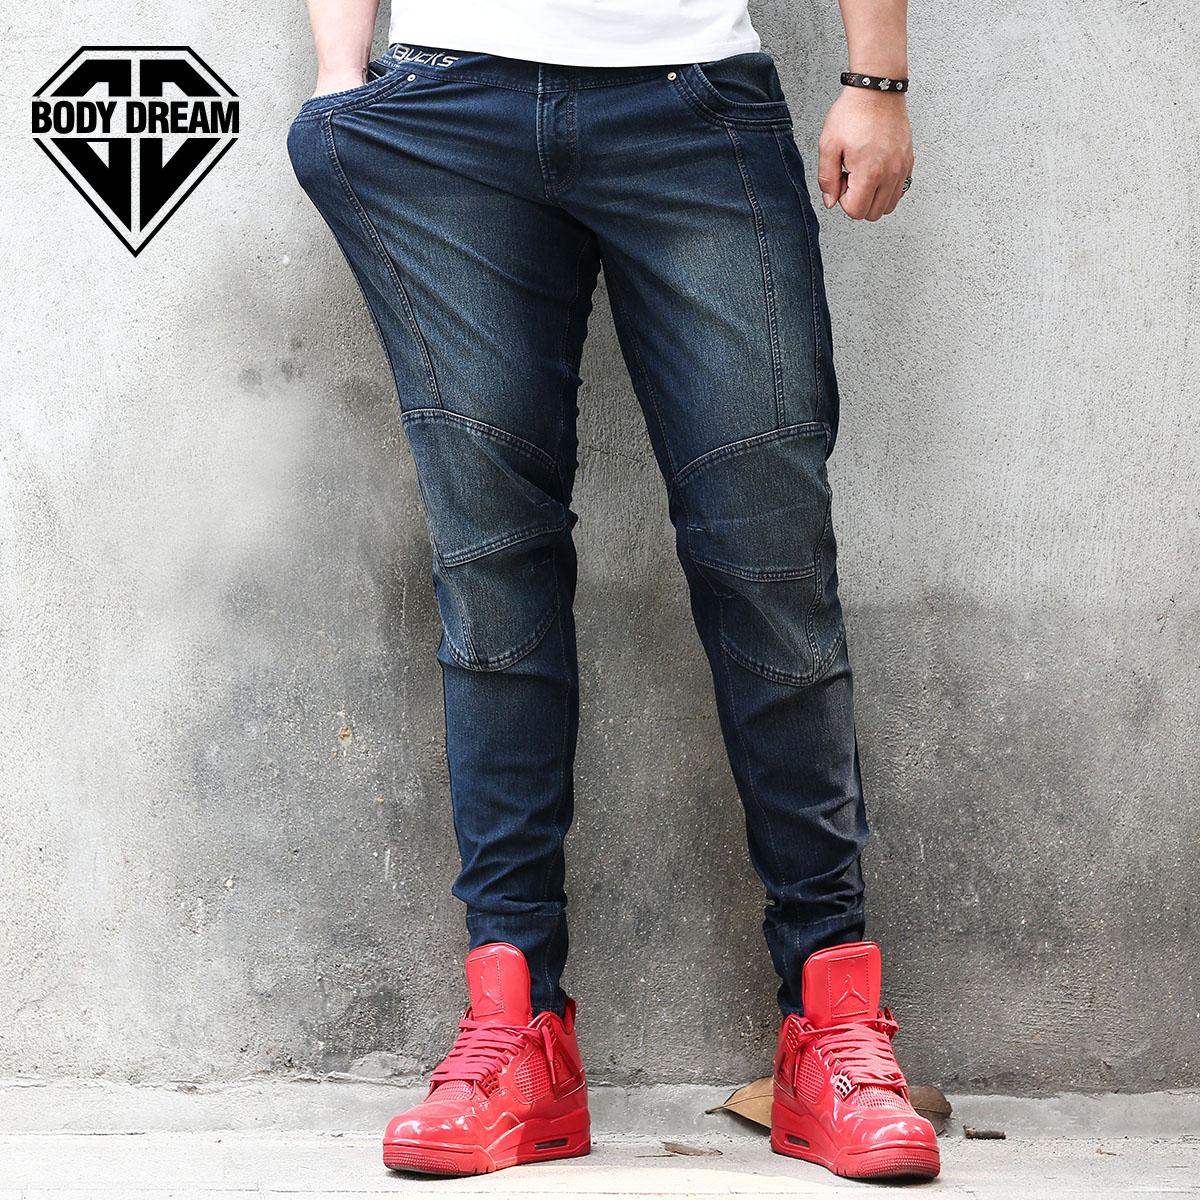 Весна для тела BodyDream джинсы мужской приталенный Маленькие ноги воздухопроницаемый спортивный эластичные большой размер для отдыха Кальсоны